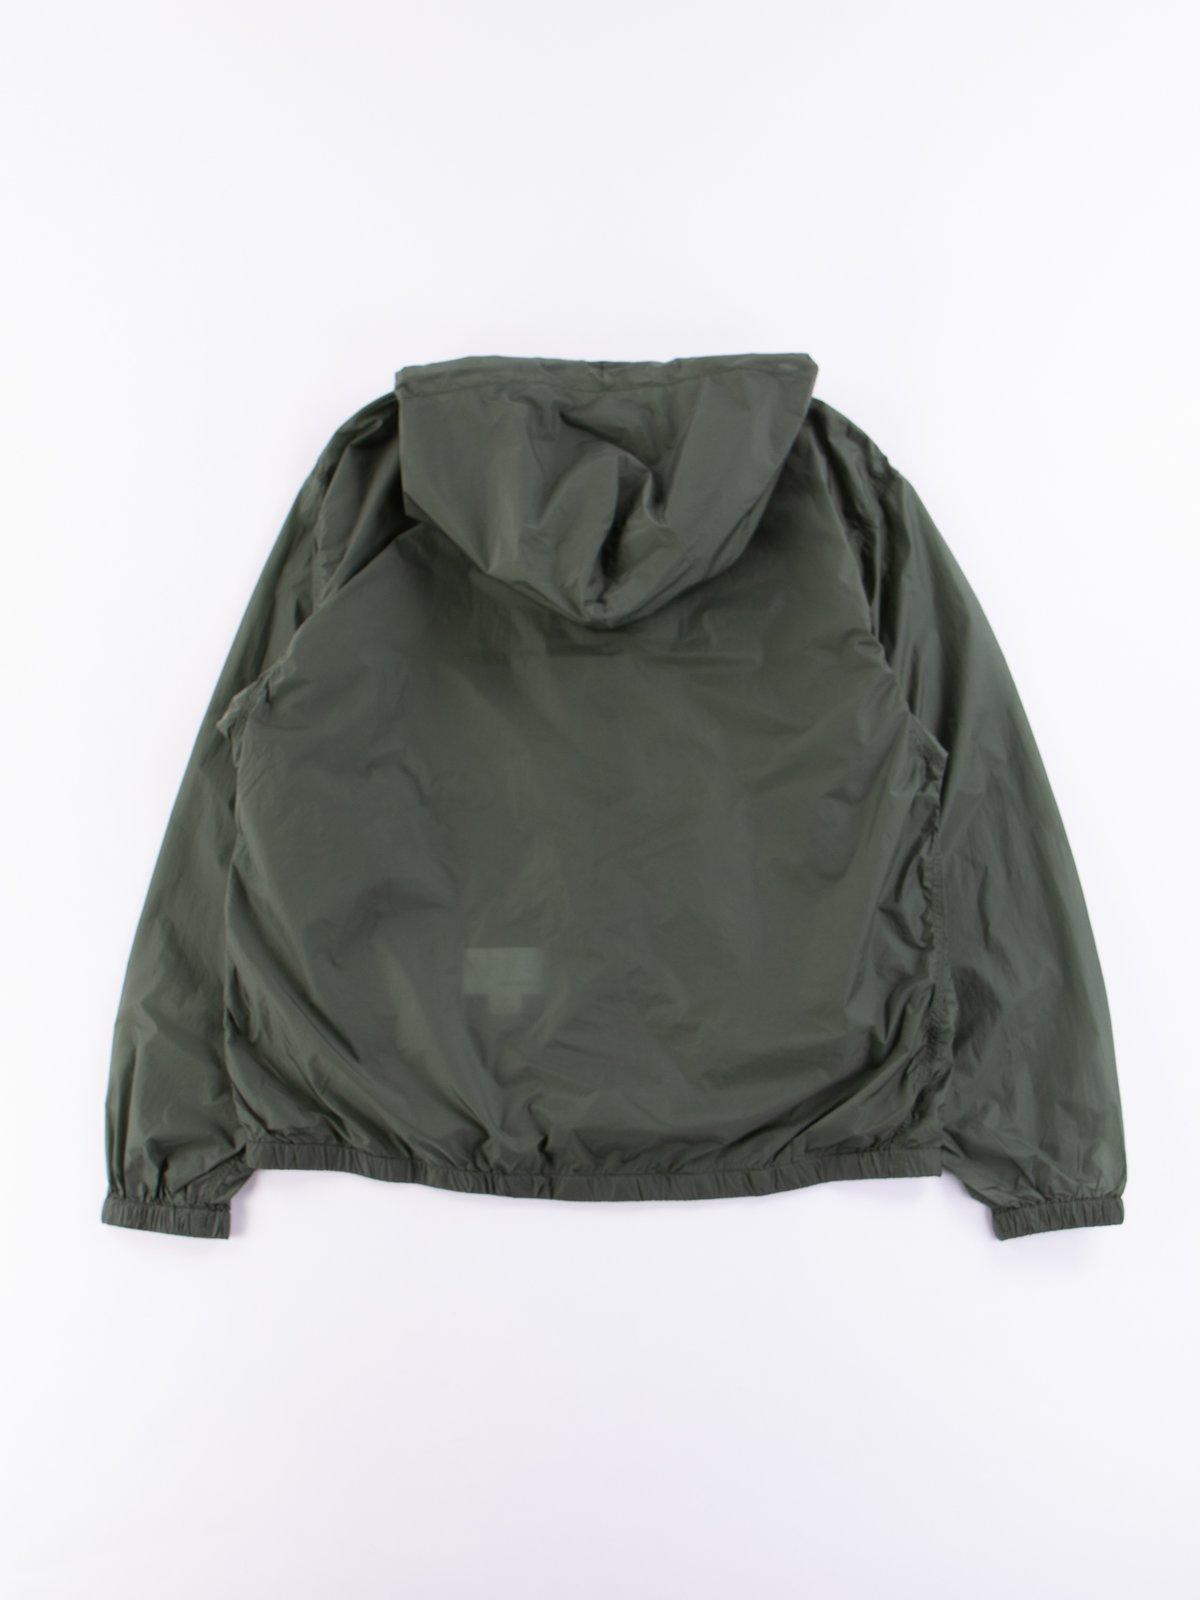 Khaki Packable Cruiser Jacket - Image 5